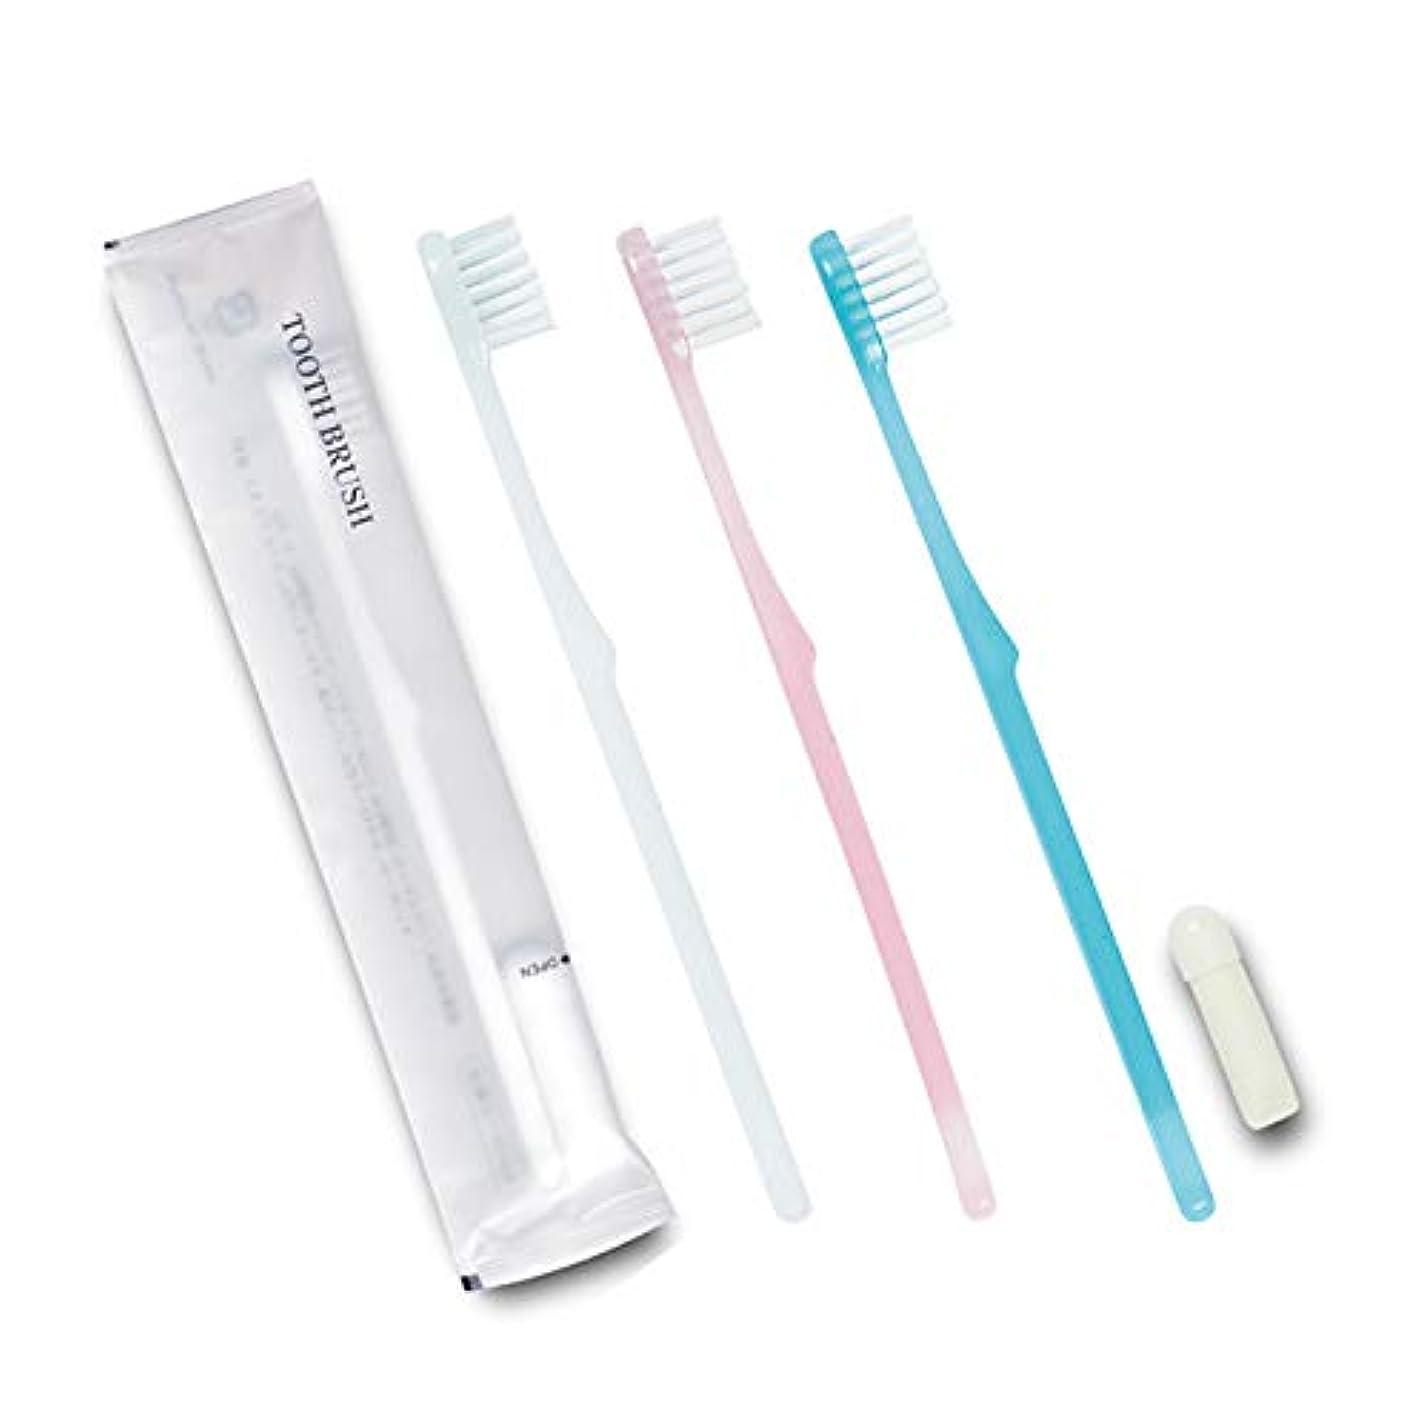 ホテル業務用歯ブラシ24穴(白?ブルー?ピンク)3色アソート 3gチューブ マット袋Sタイプ 120本